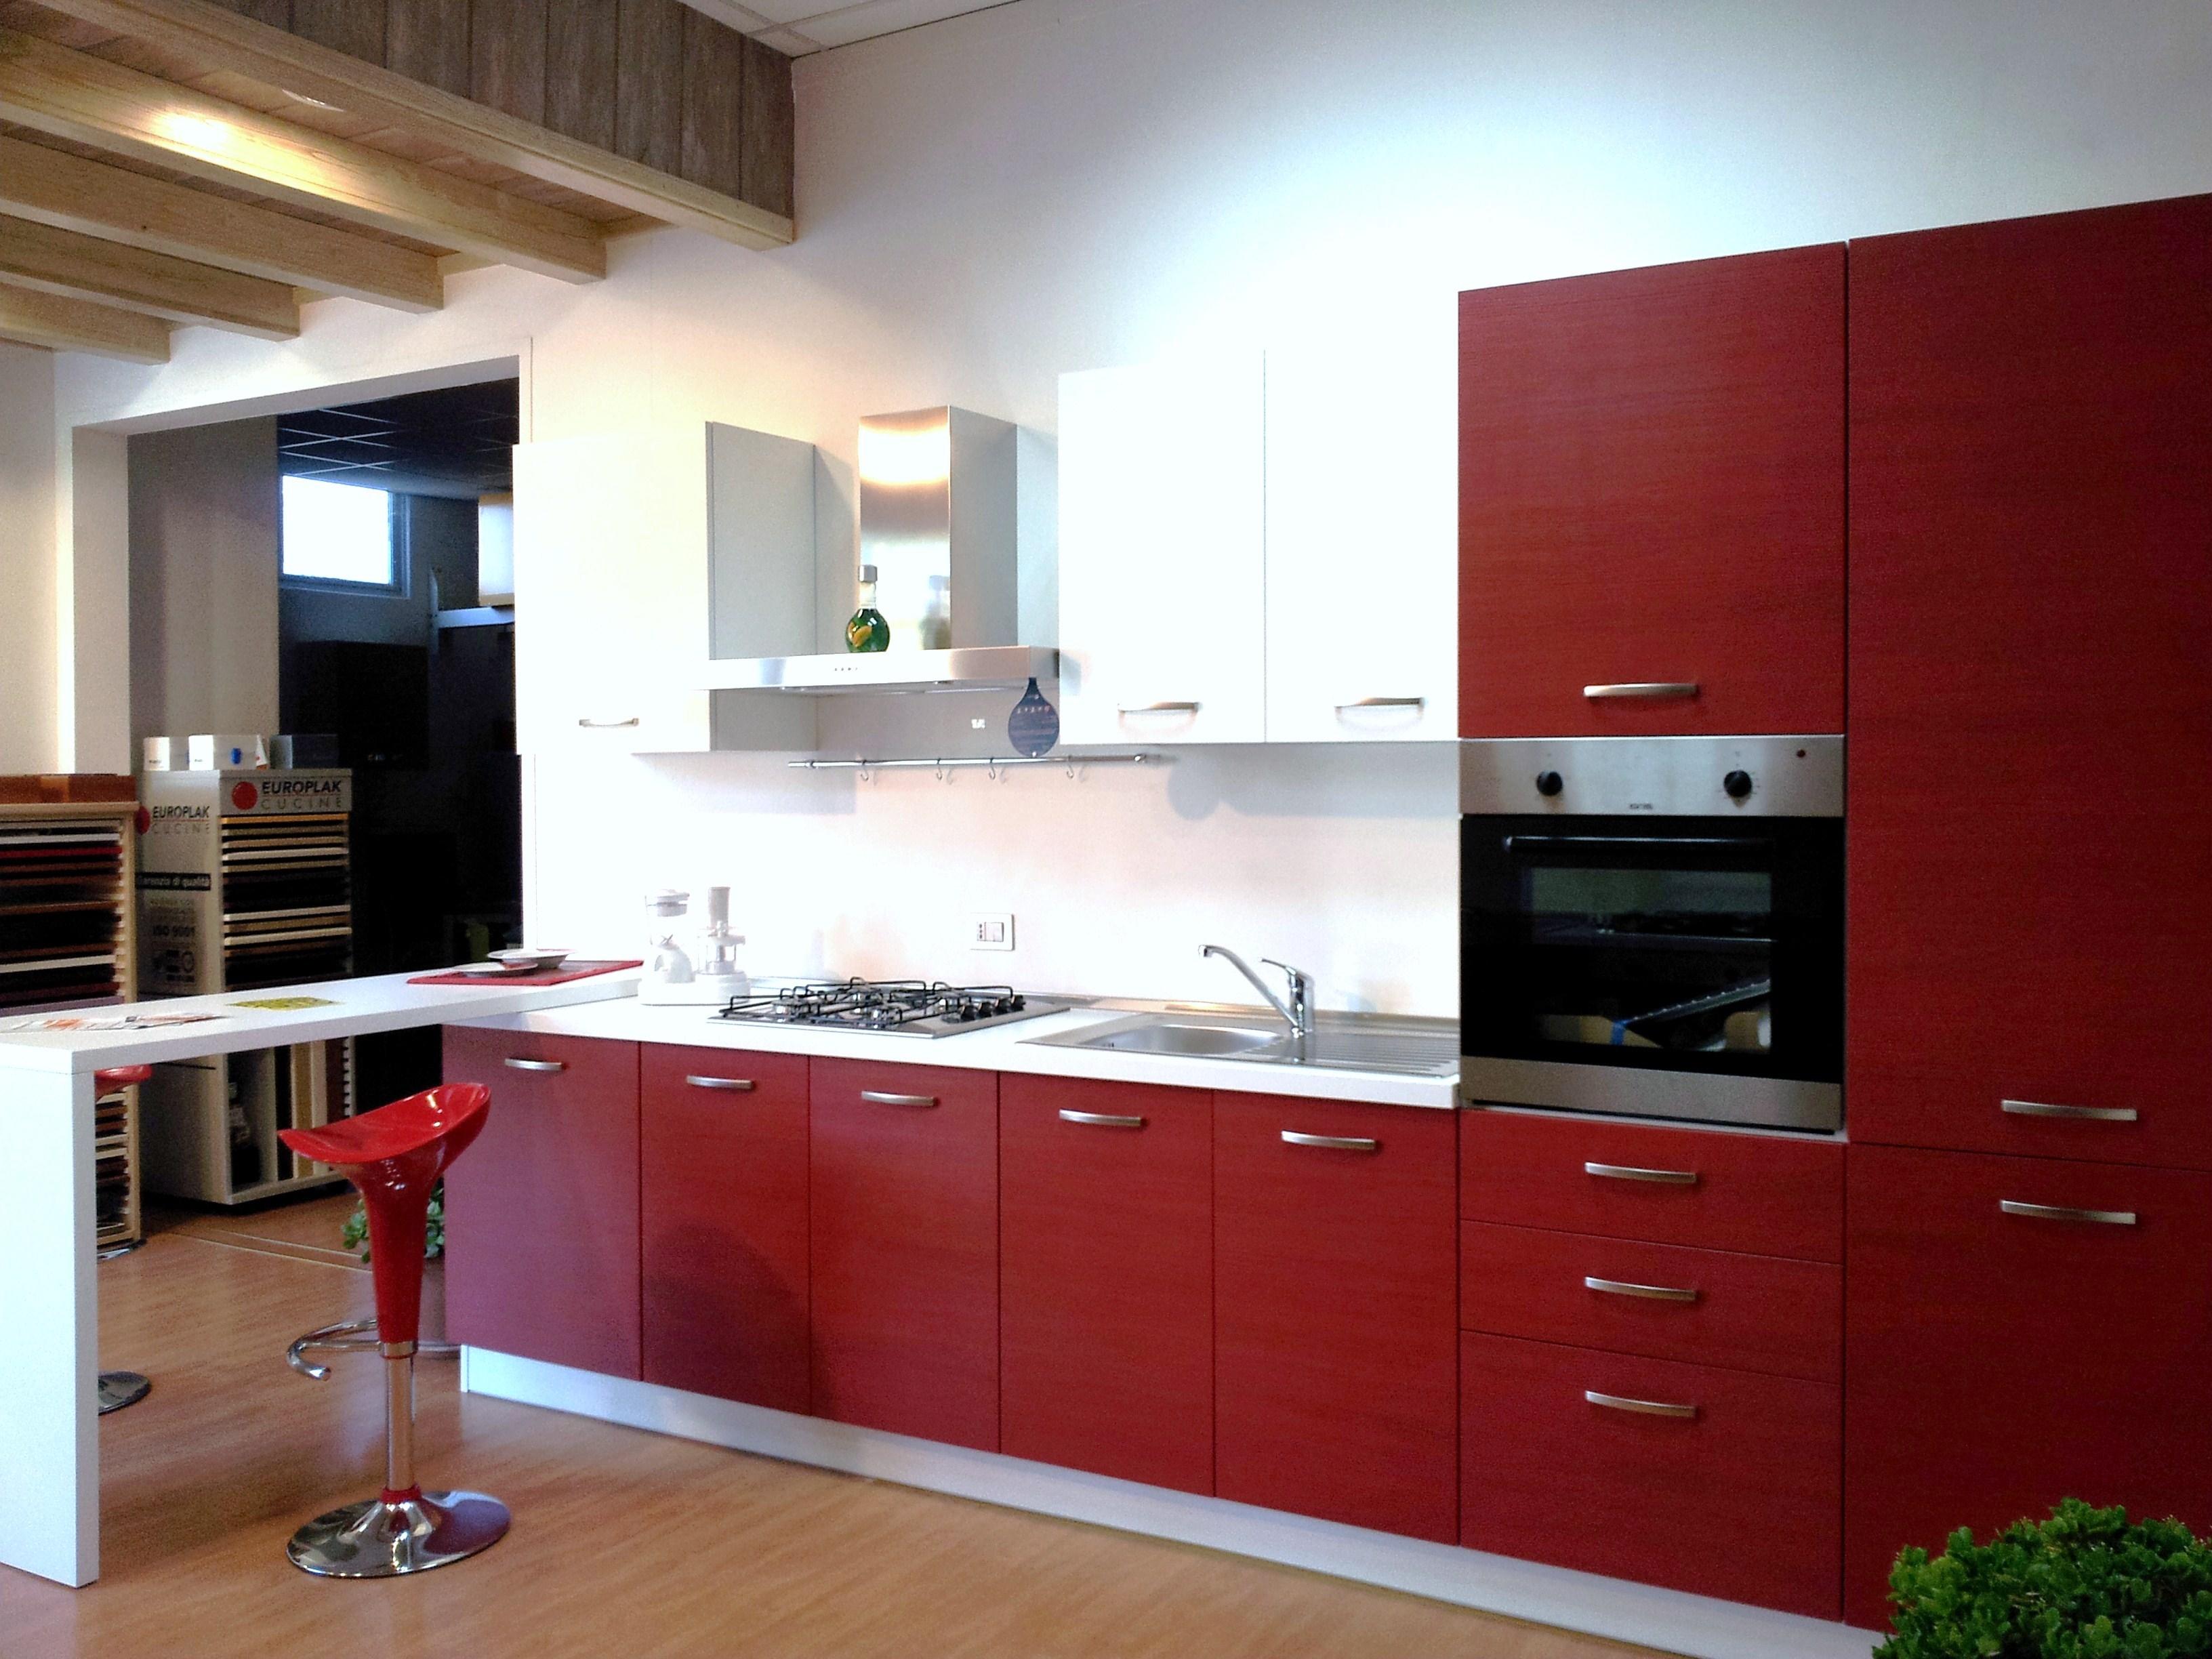 Cucina moderna con penisola cucine a prezzi scontati for Isola cucina prezzi